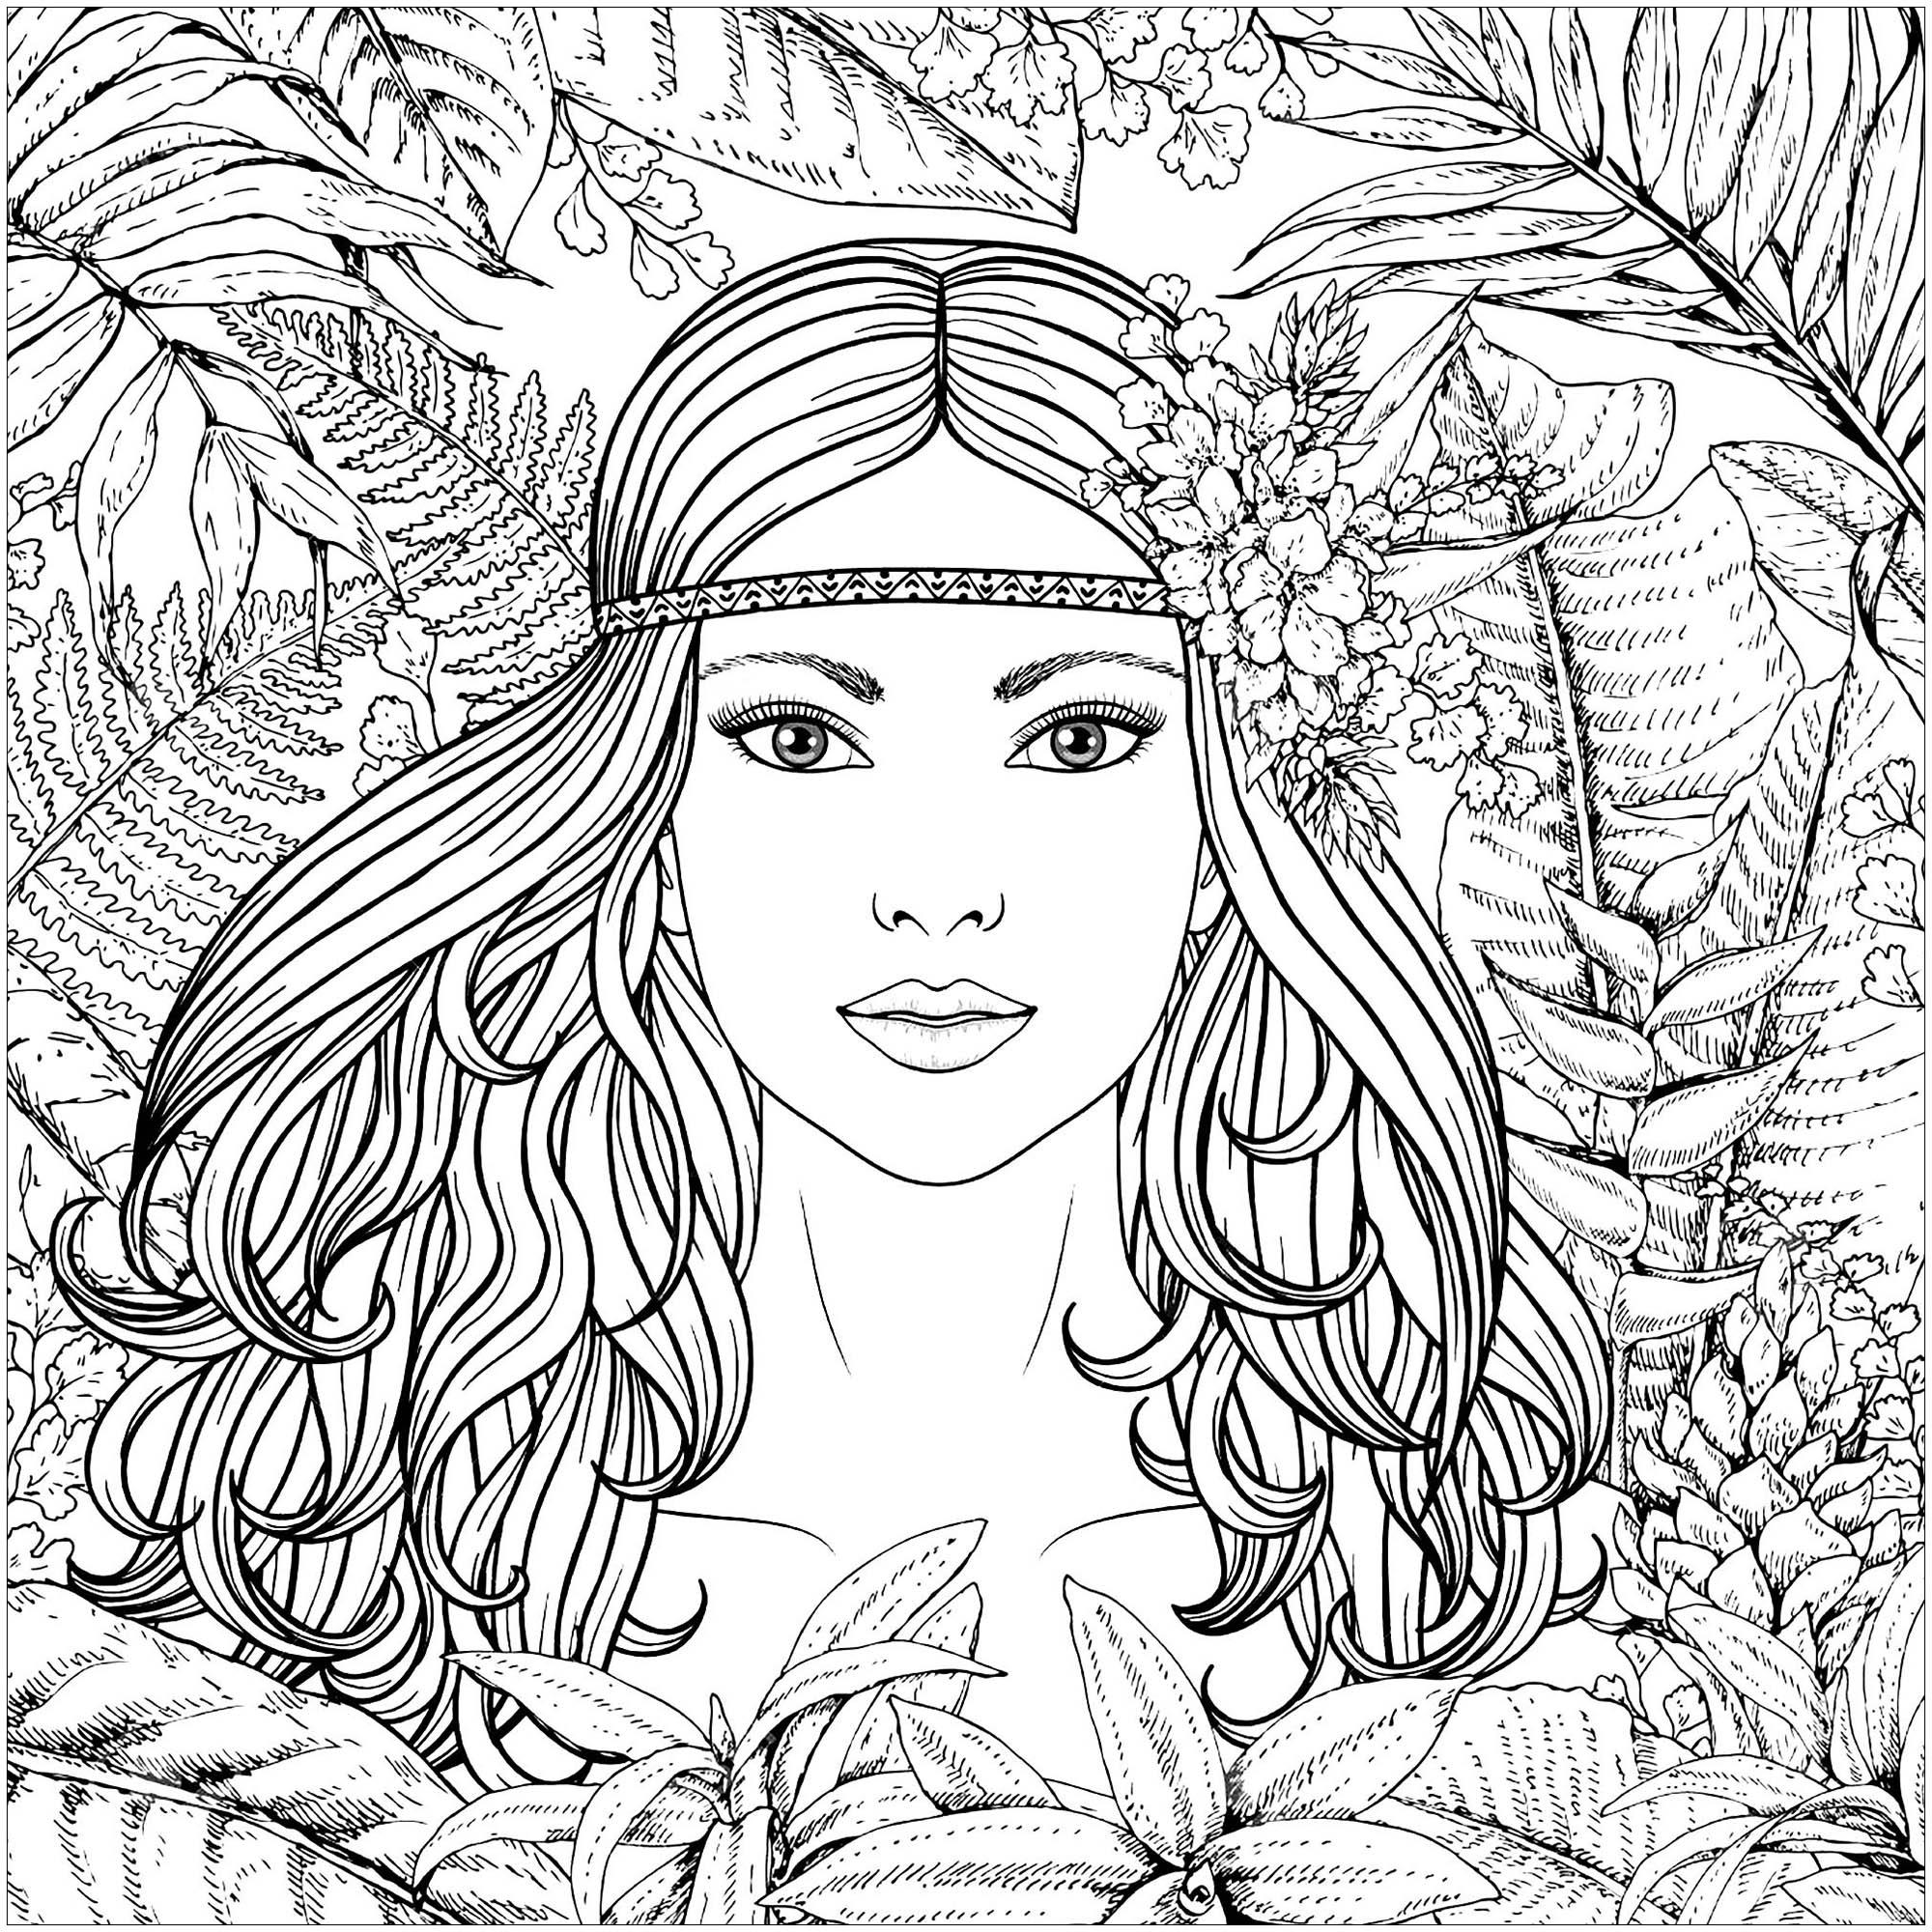 Coloring forest woman potrait